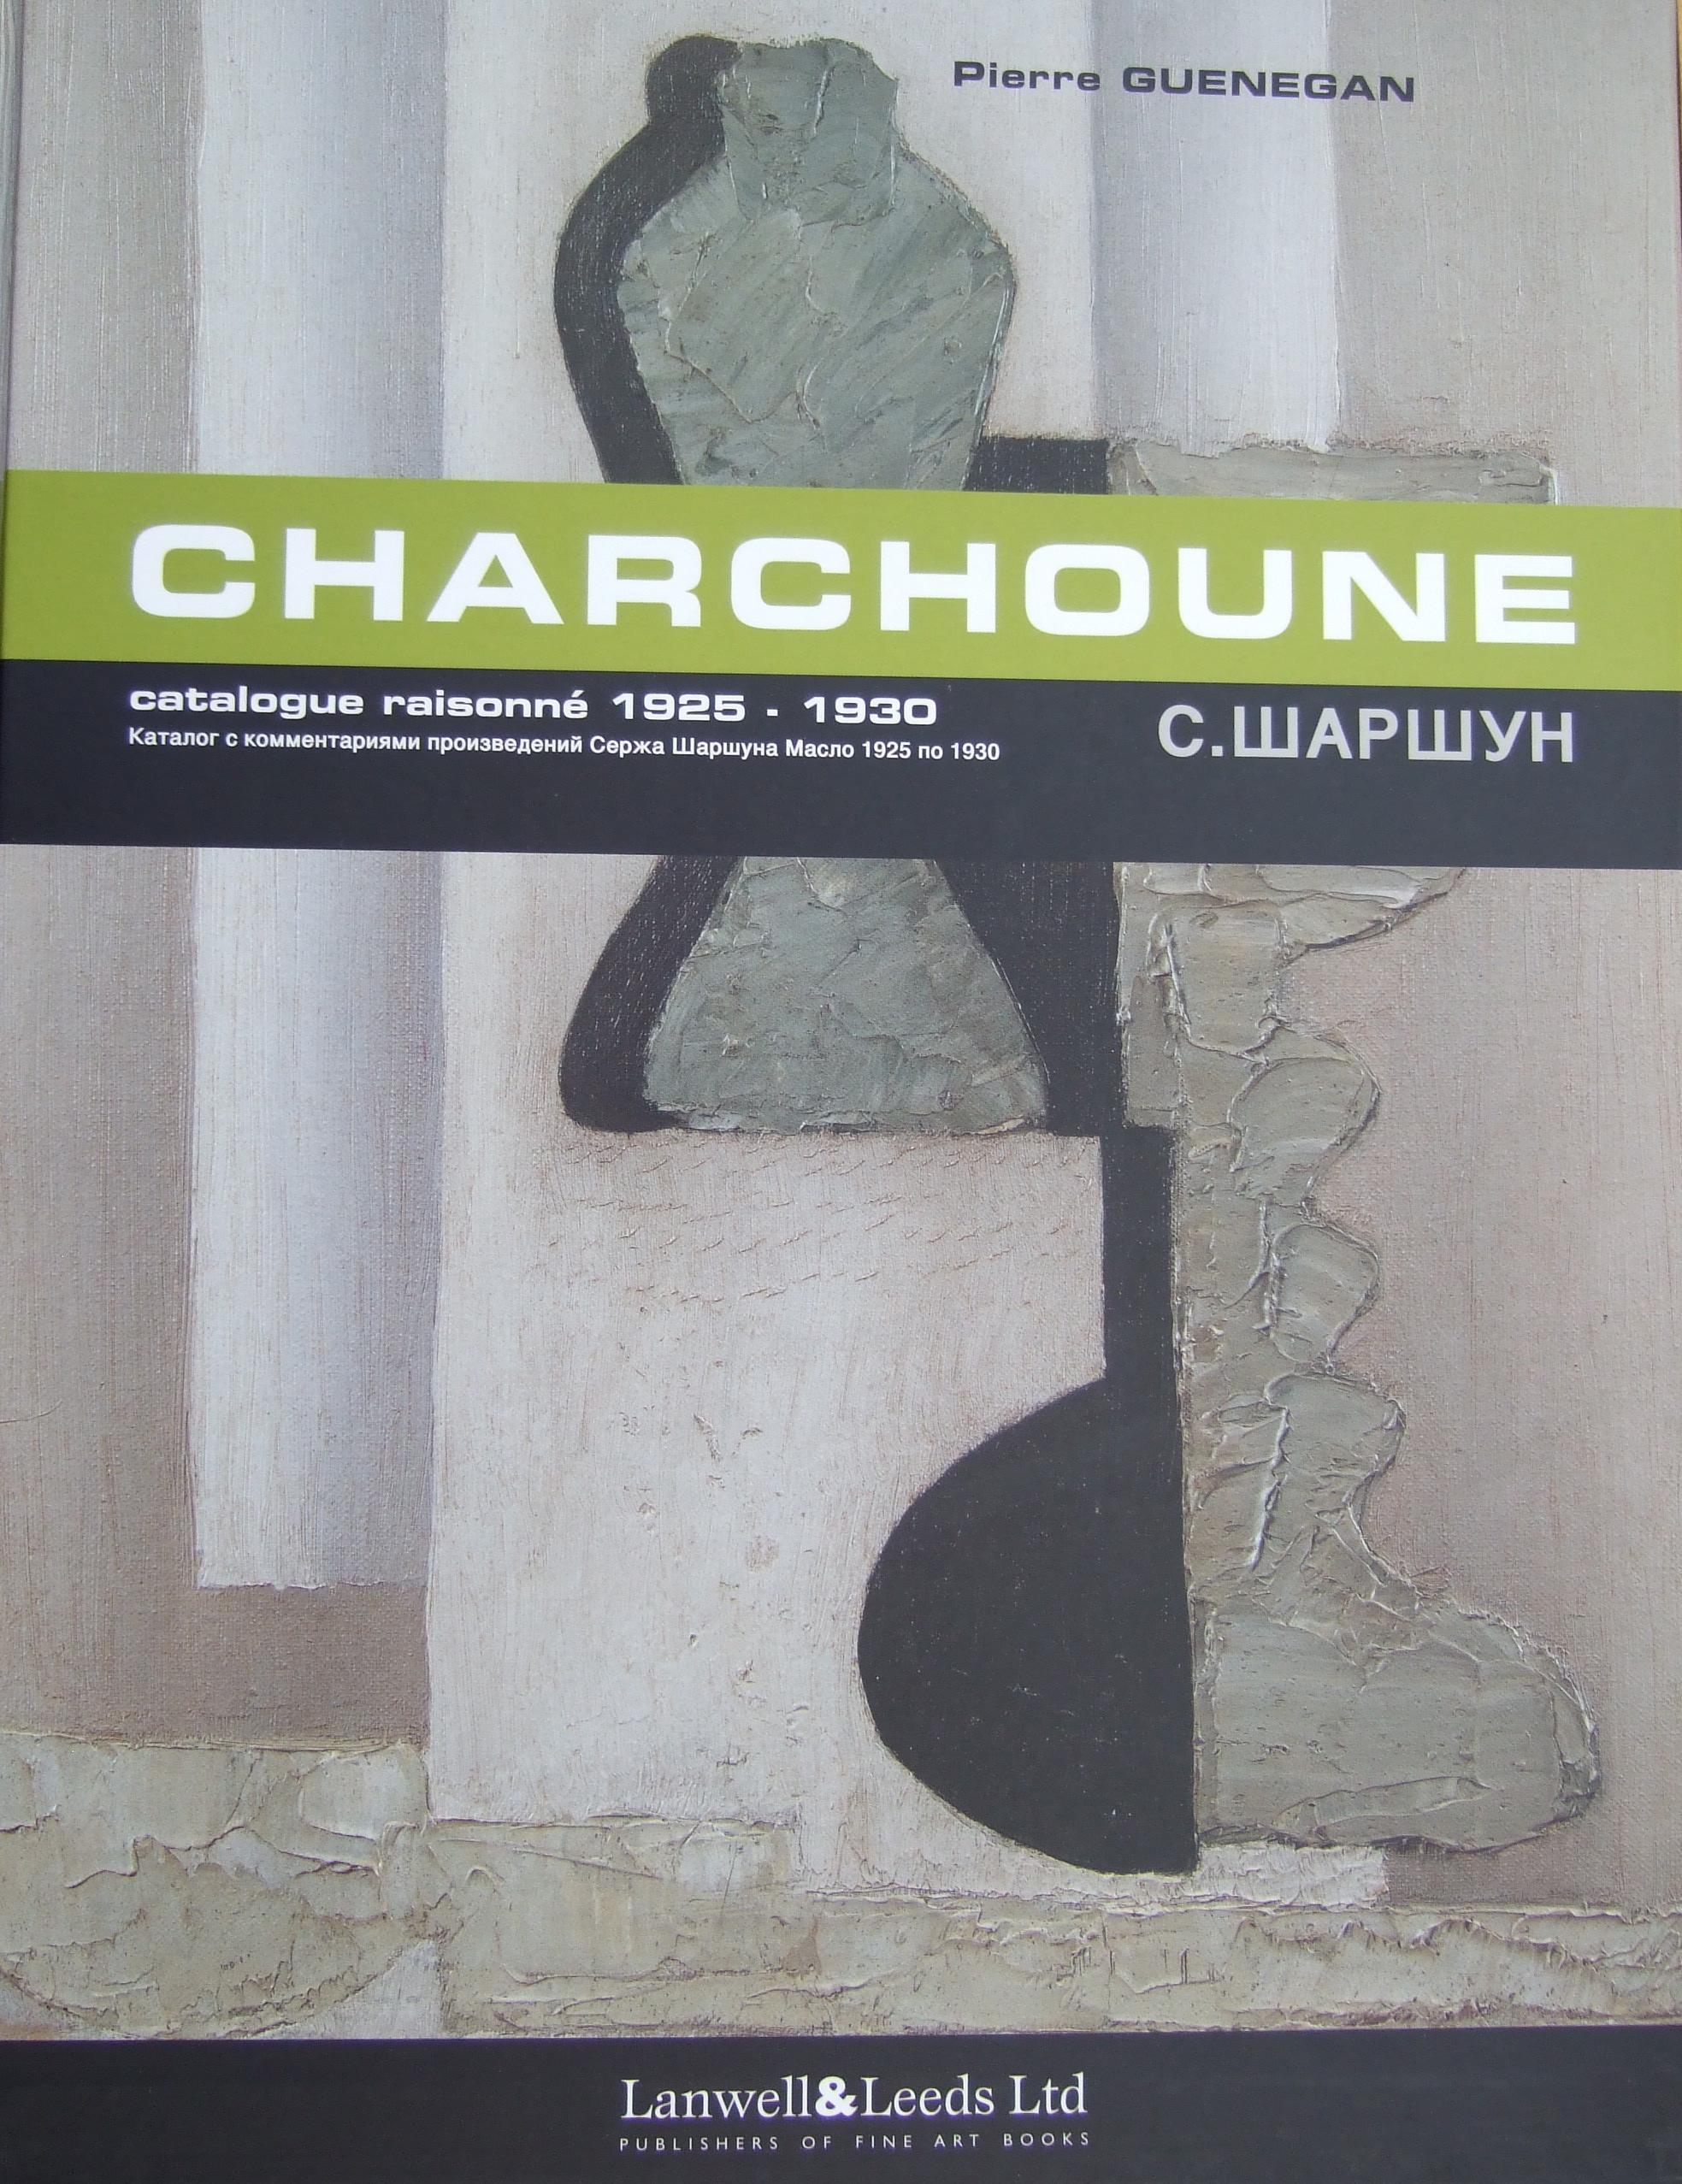 Charchoune Catalogue-raisonne 1925 - 1930 by Pierre Guenegan. Volume 2.